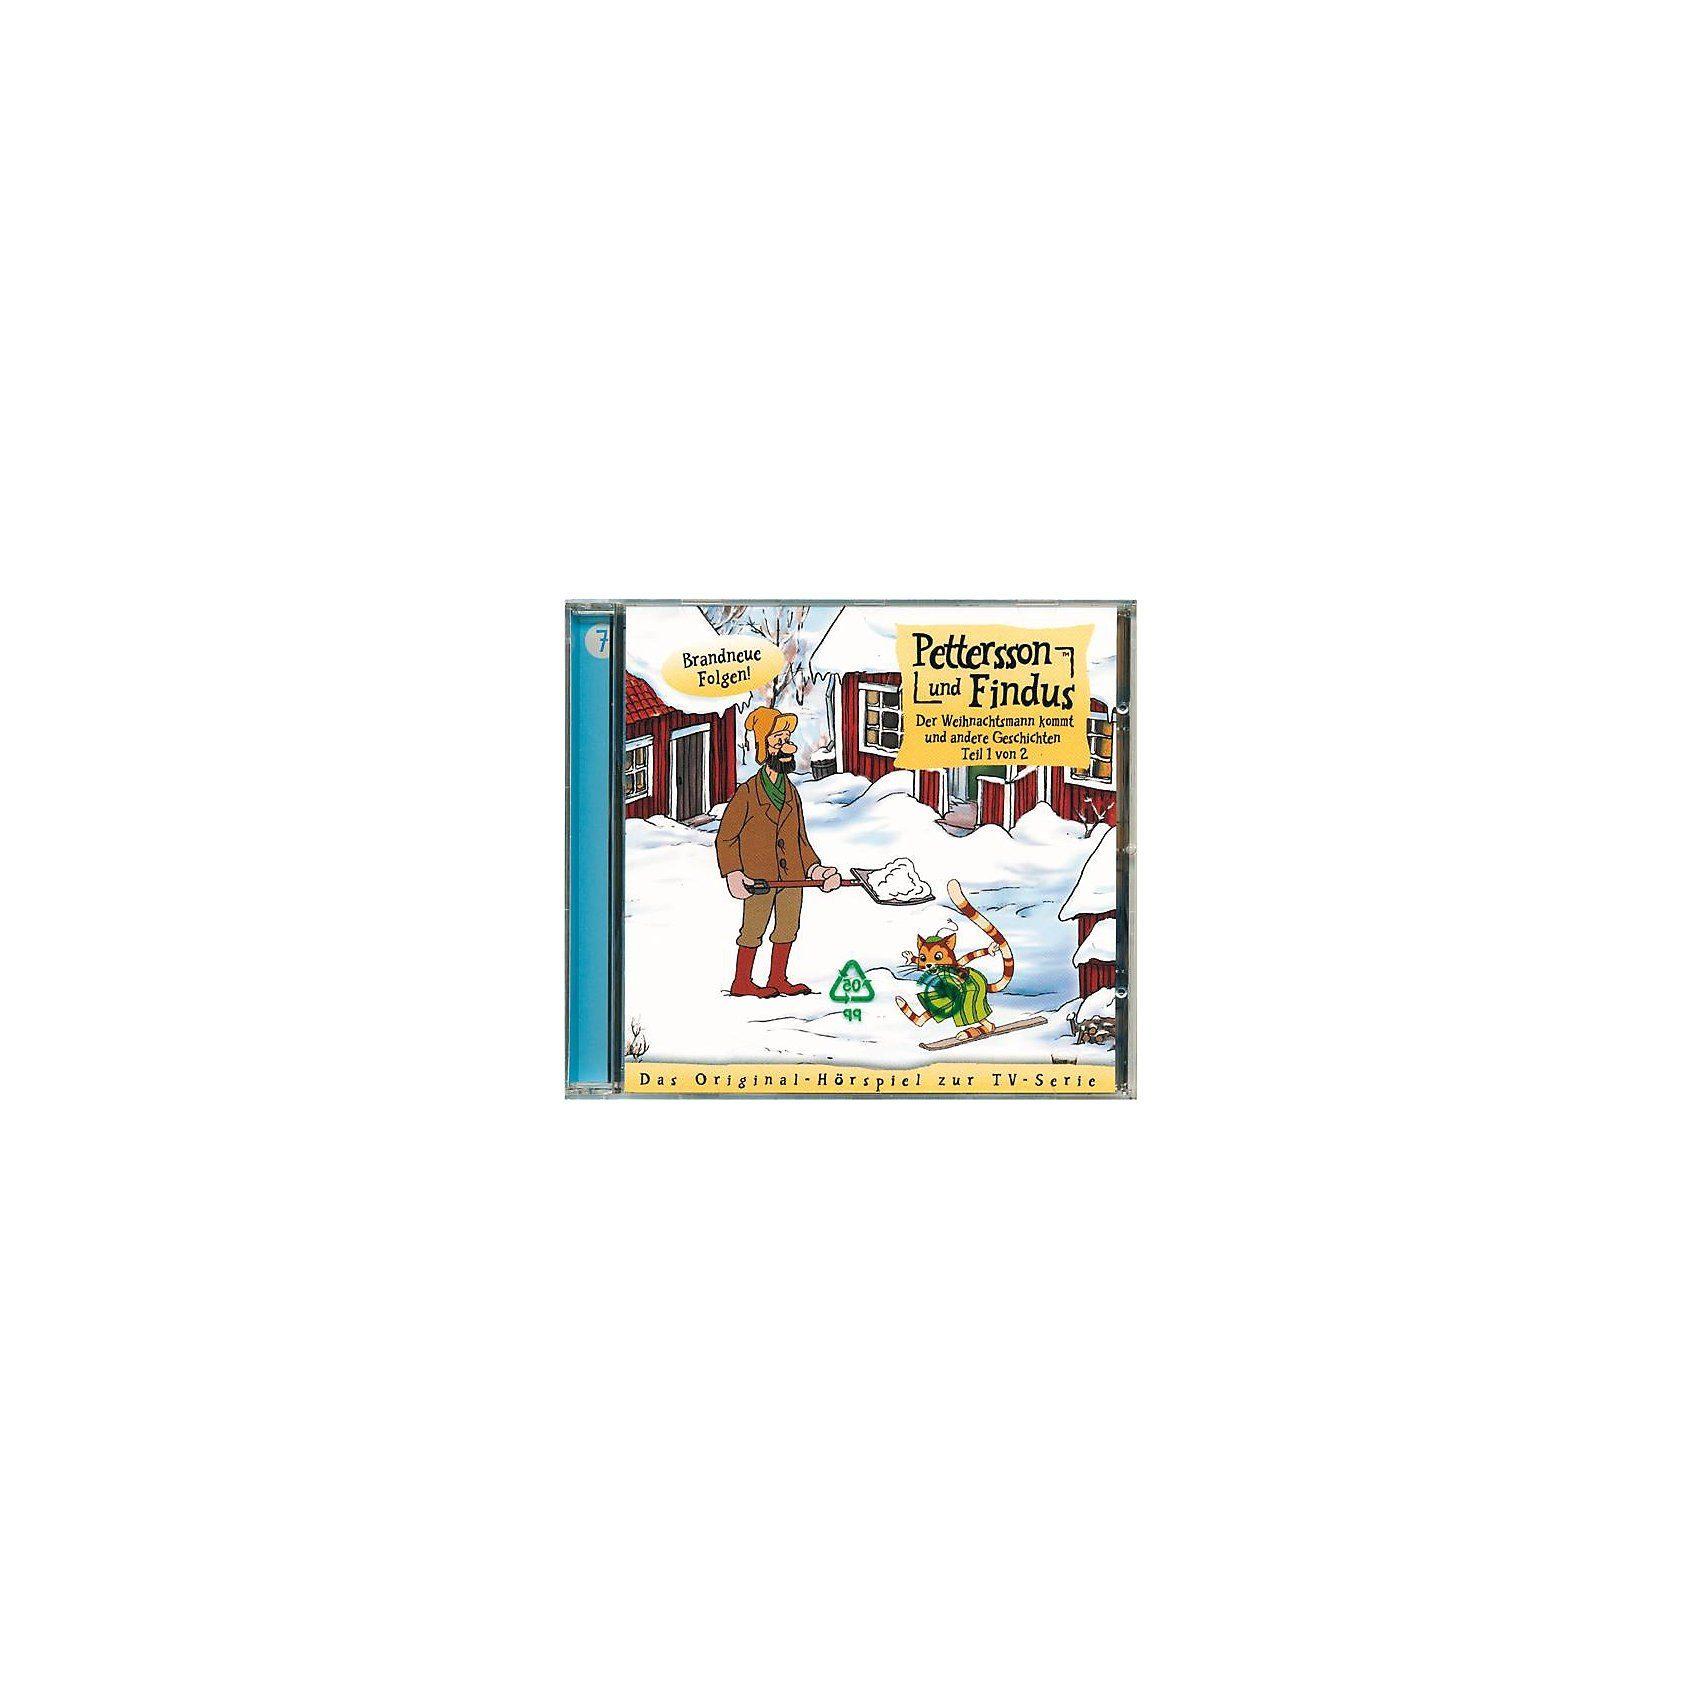 Edel CD Pettersson und Findus 07 (Der Weihnachtsmann kommt 01)